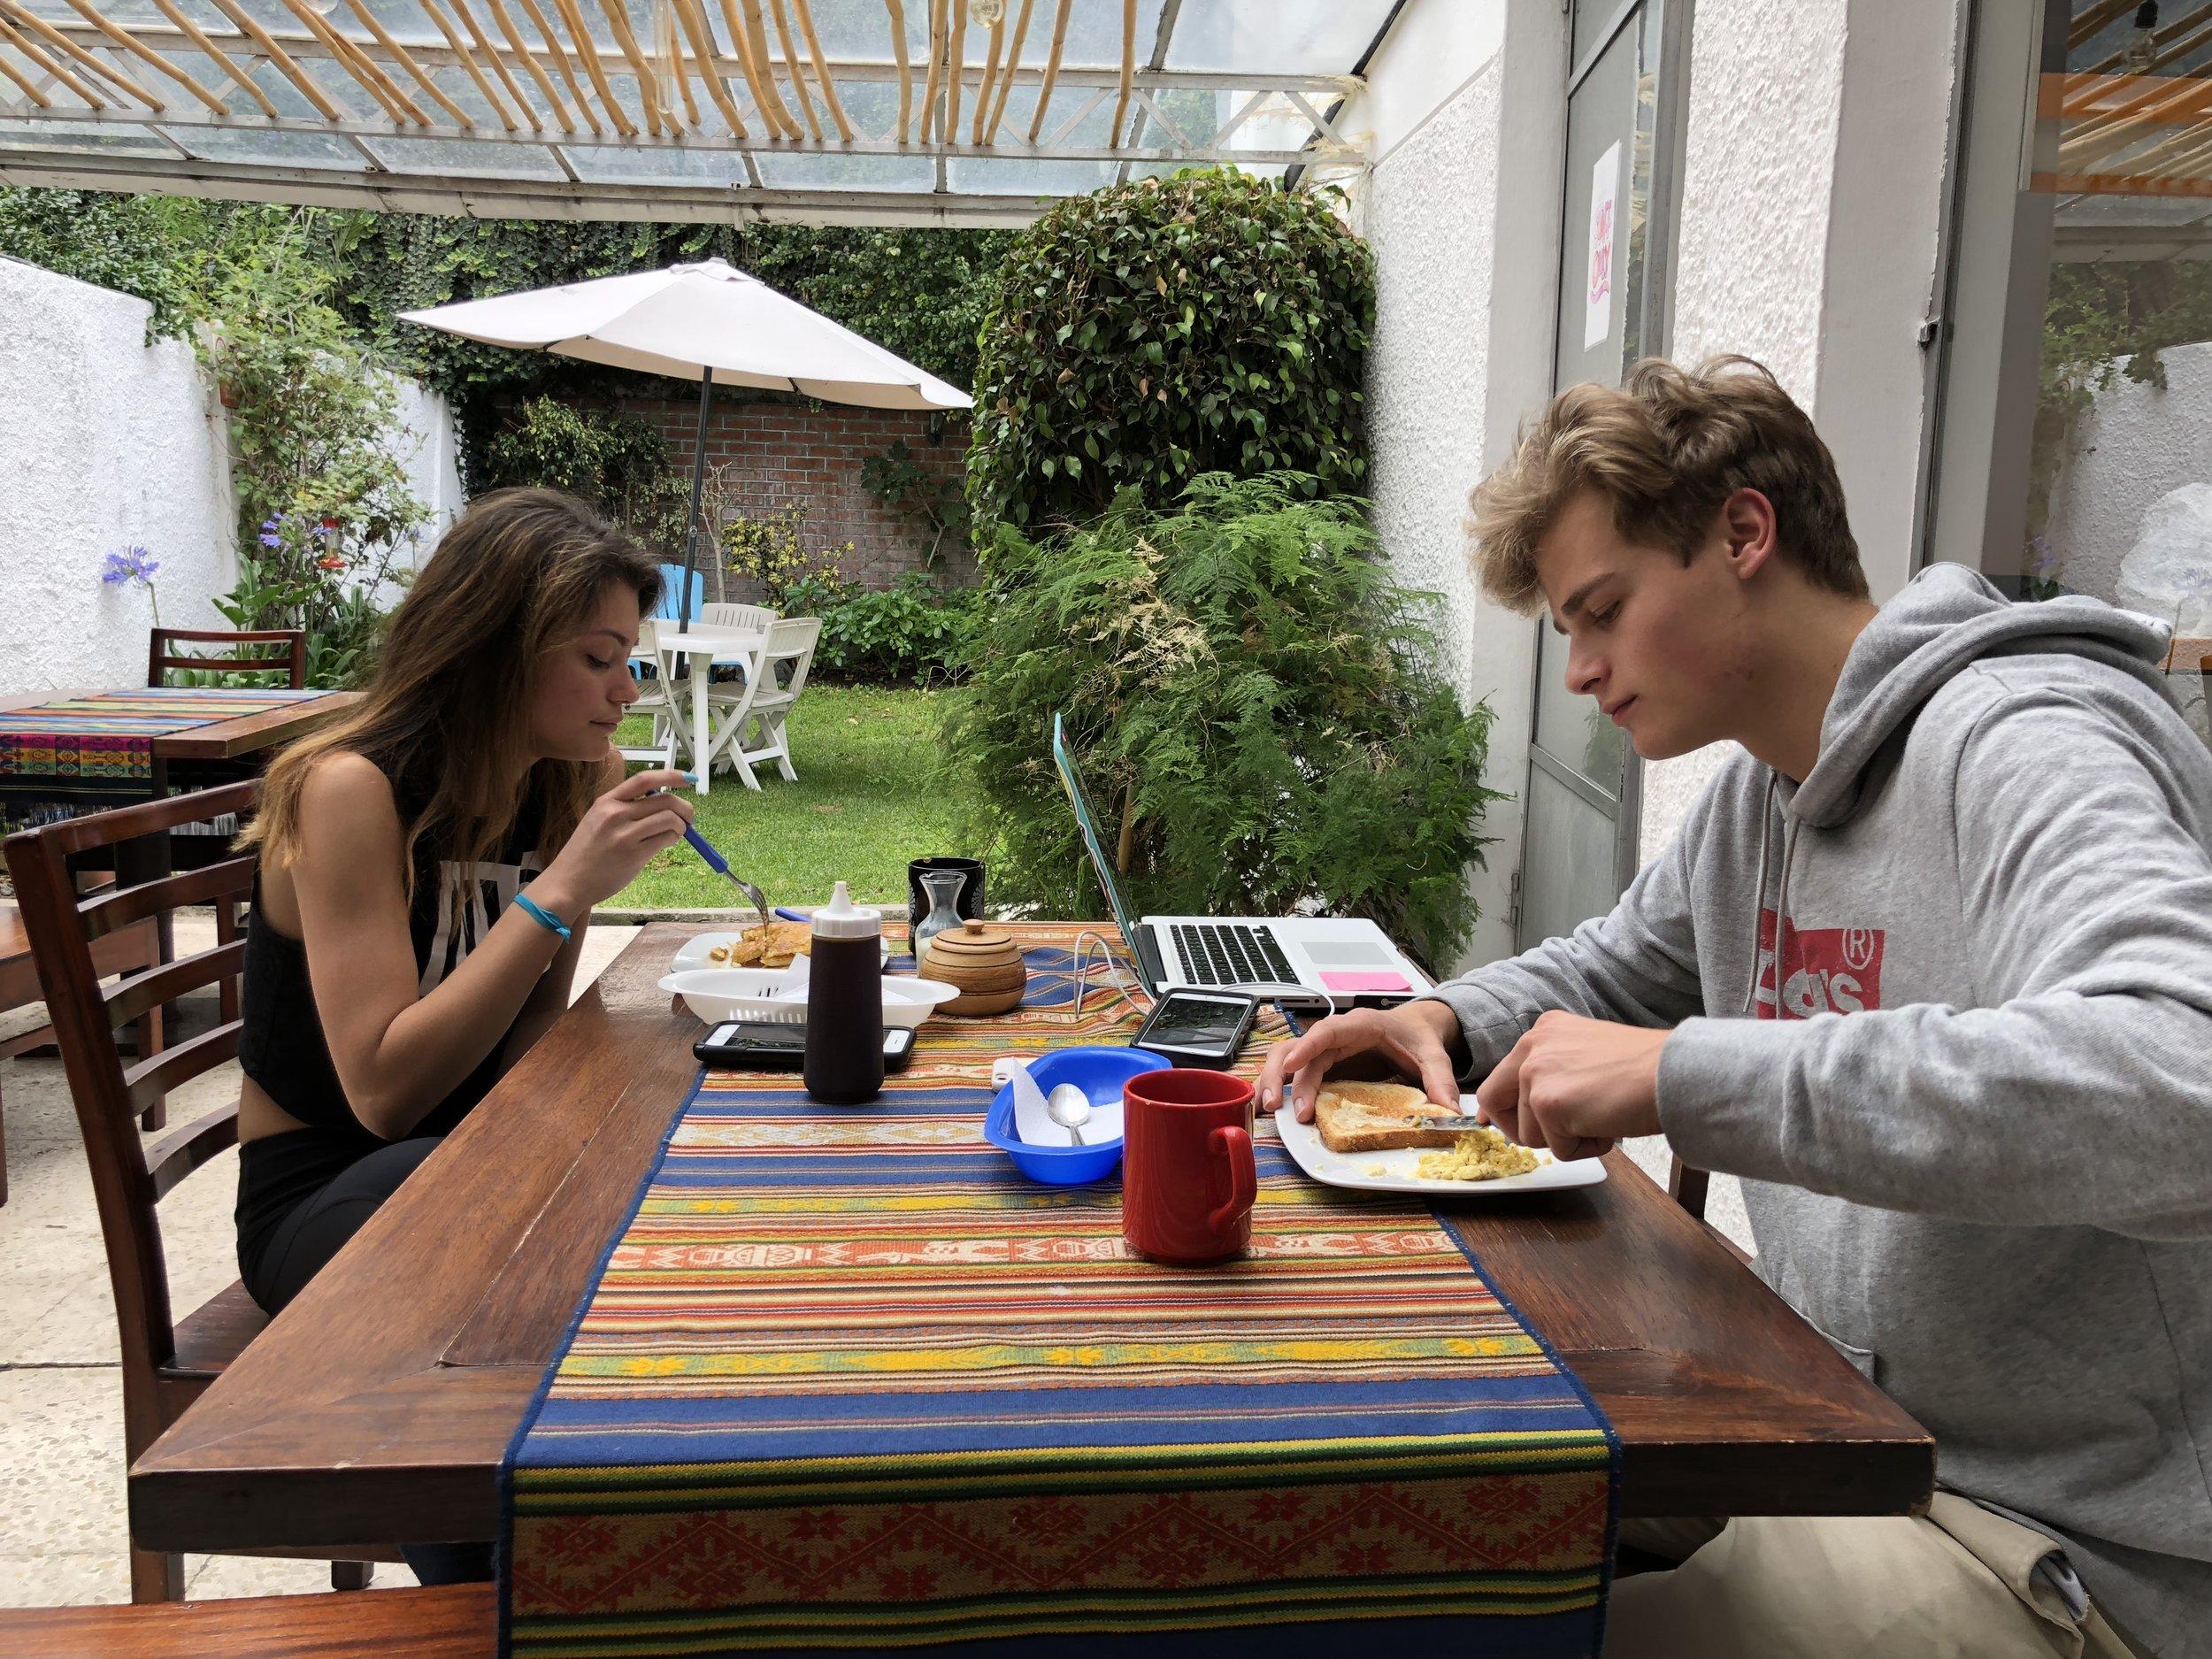 Kjetil and Amanda eating breakfast in the hostel's backyard.